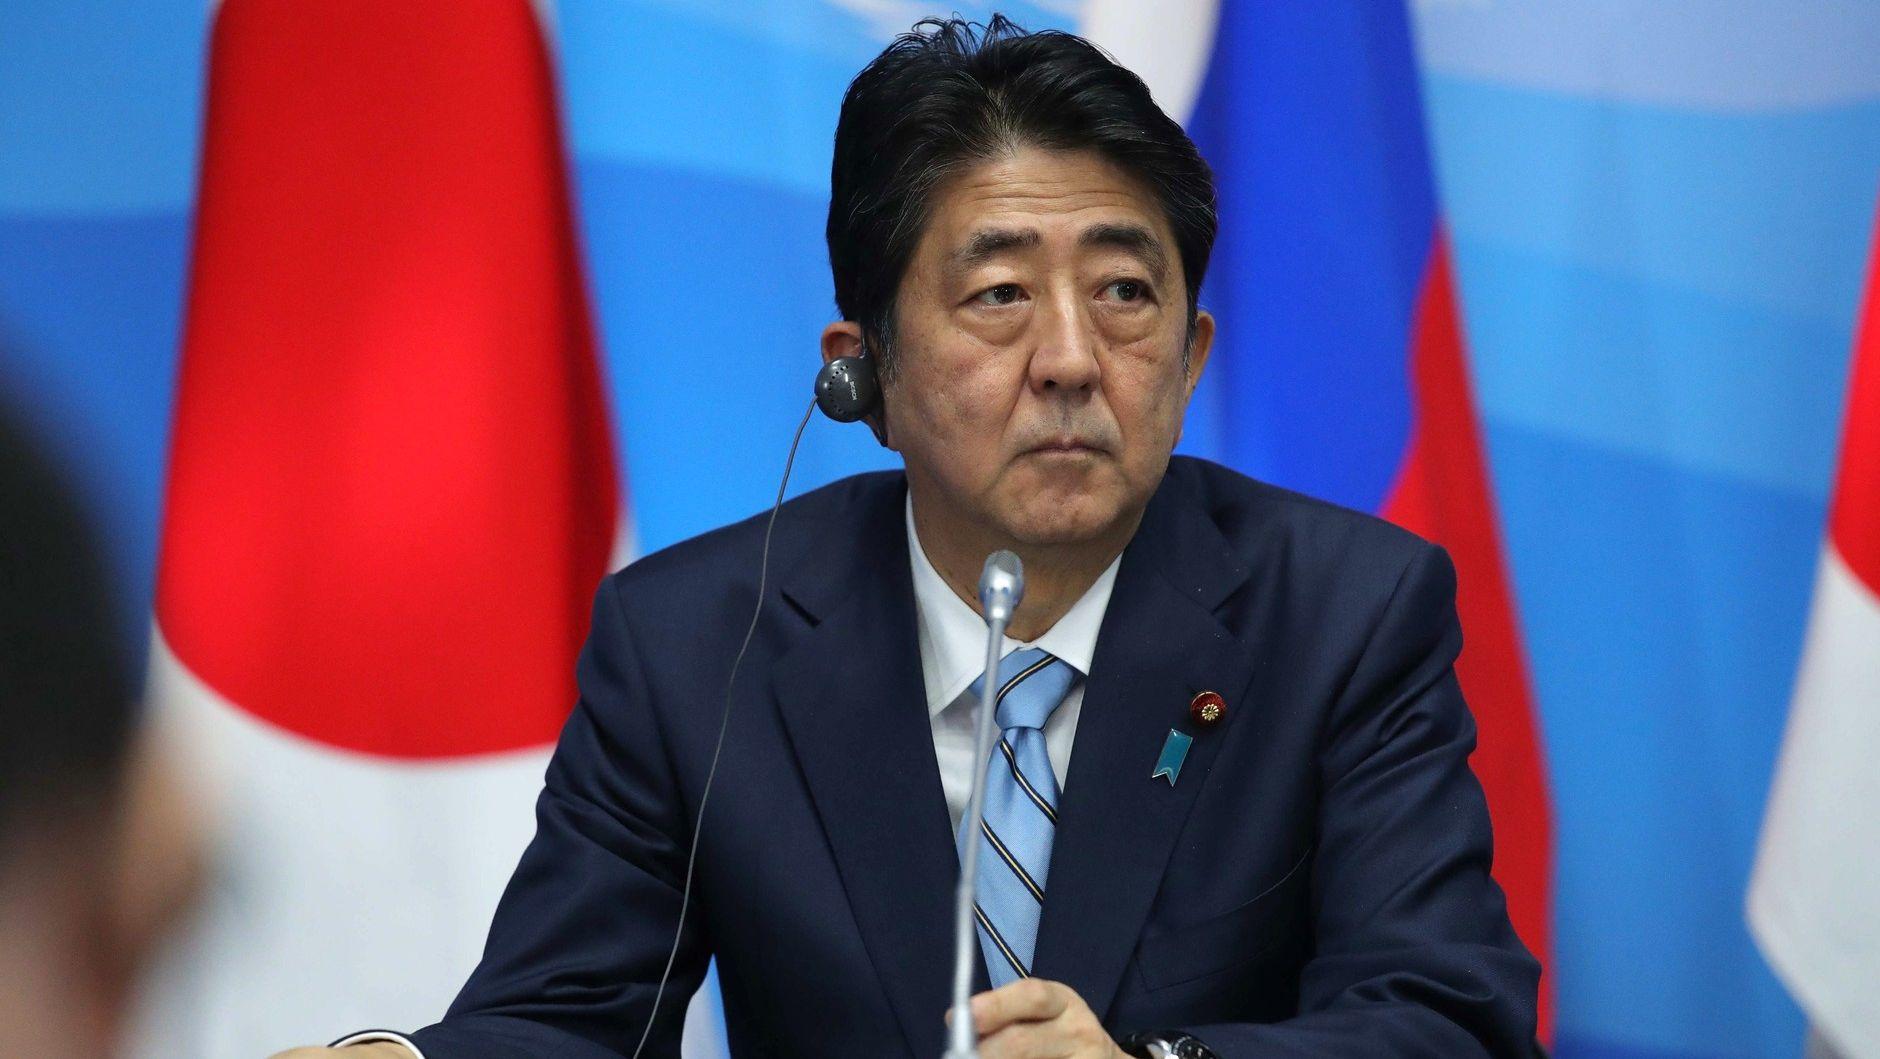 Японского премьера обвинили в копировании текста речей в память об атомных бомбардировках